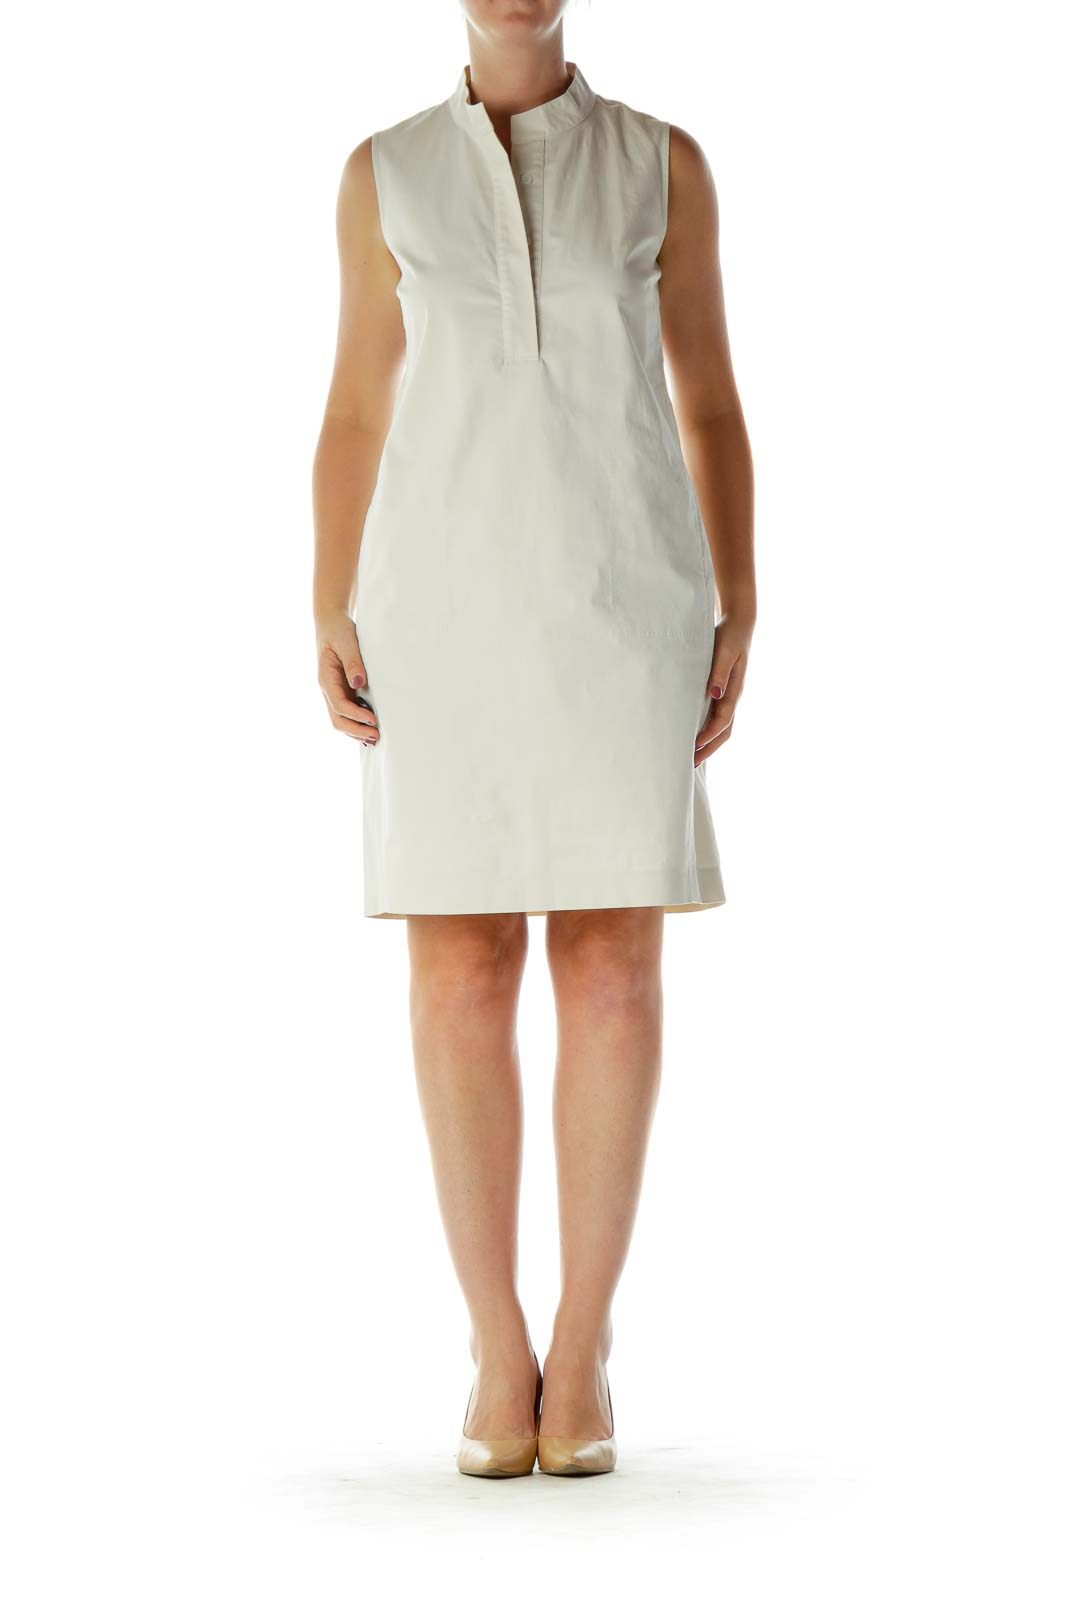 Cream Khaki Sleeveless Work Dress